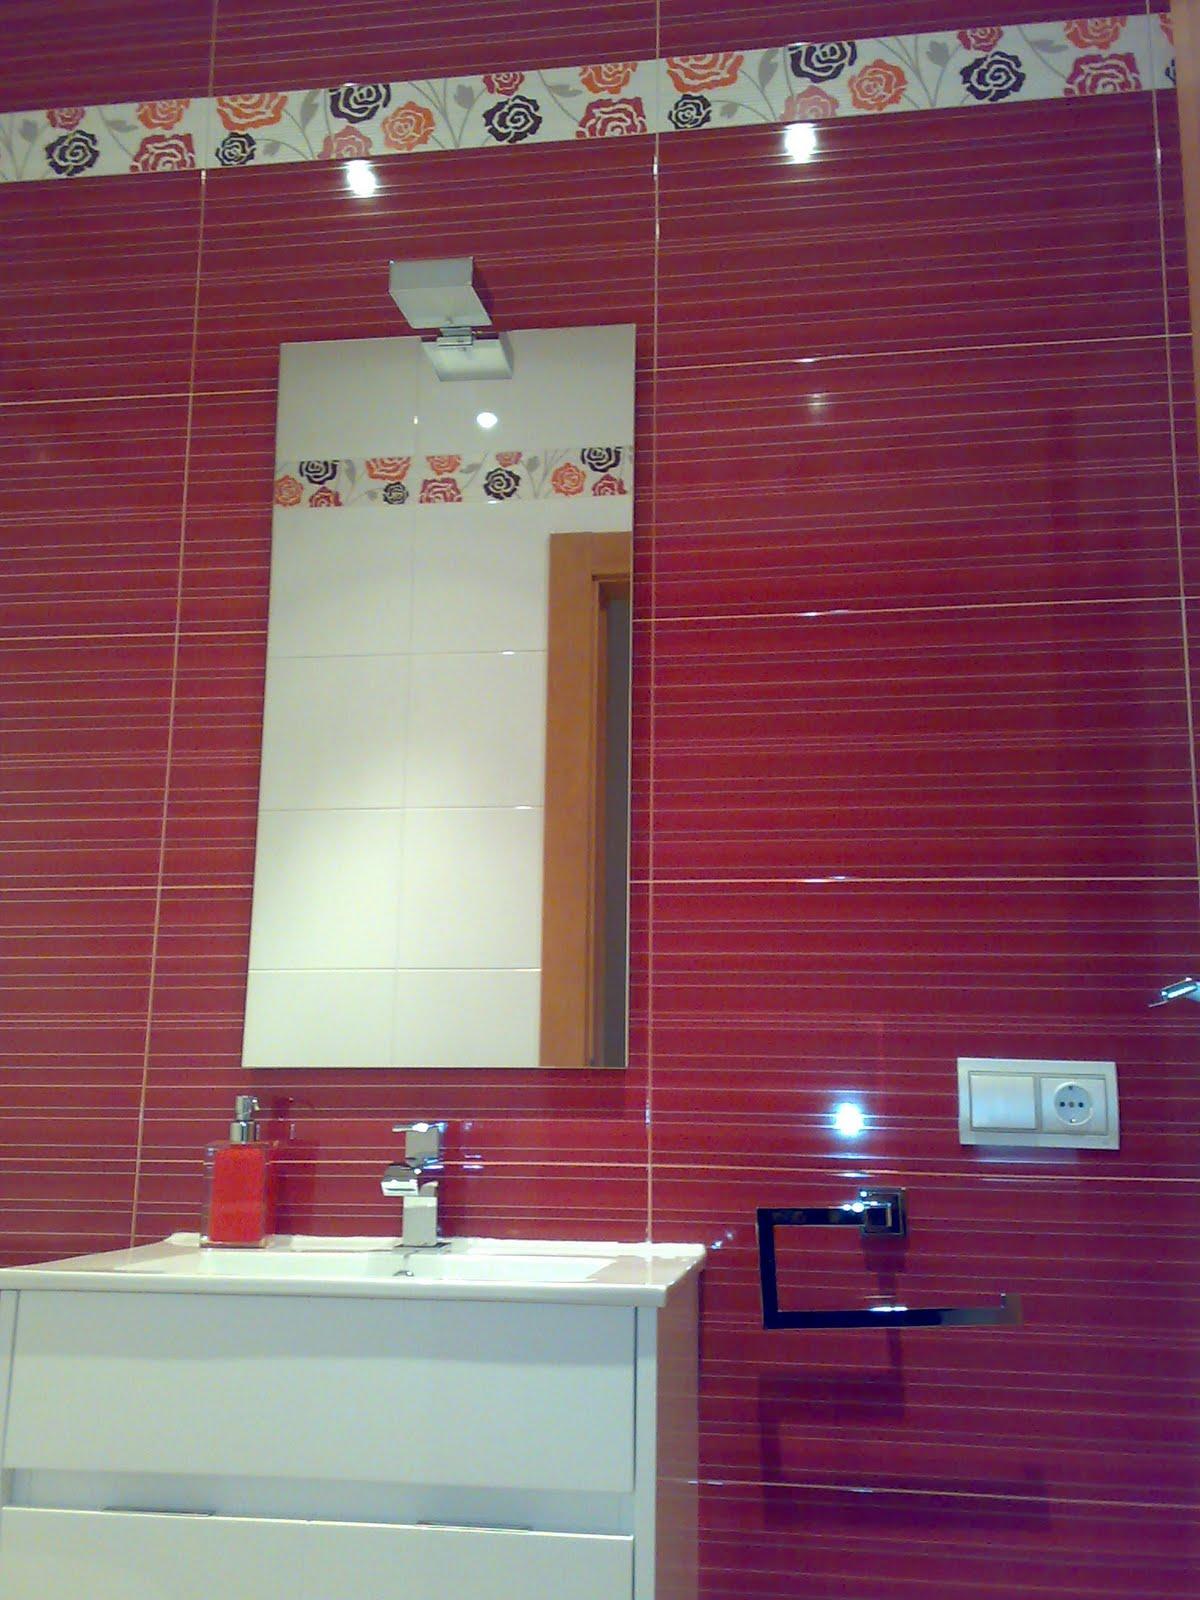 Azulejos Baño Blanco:BAÑO: Azulejos de gran formato en blanco todo el baño, en verde el